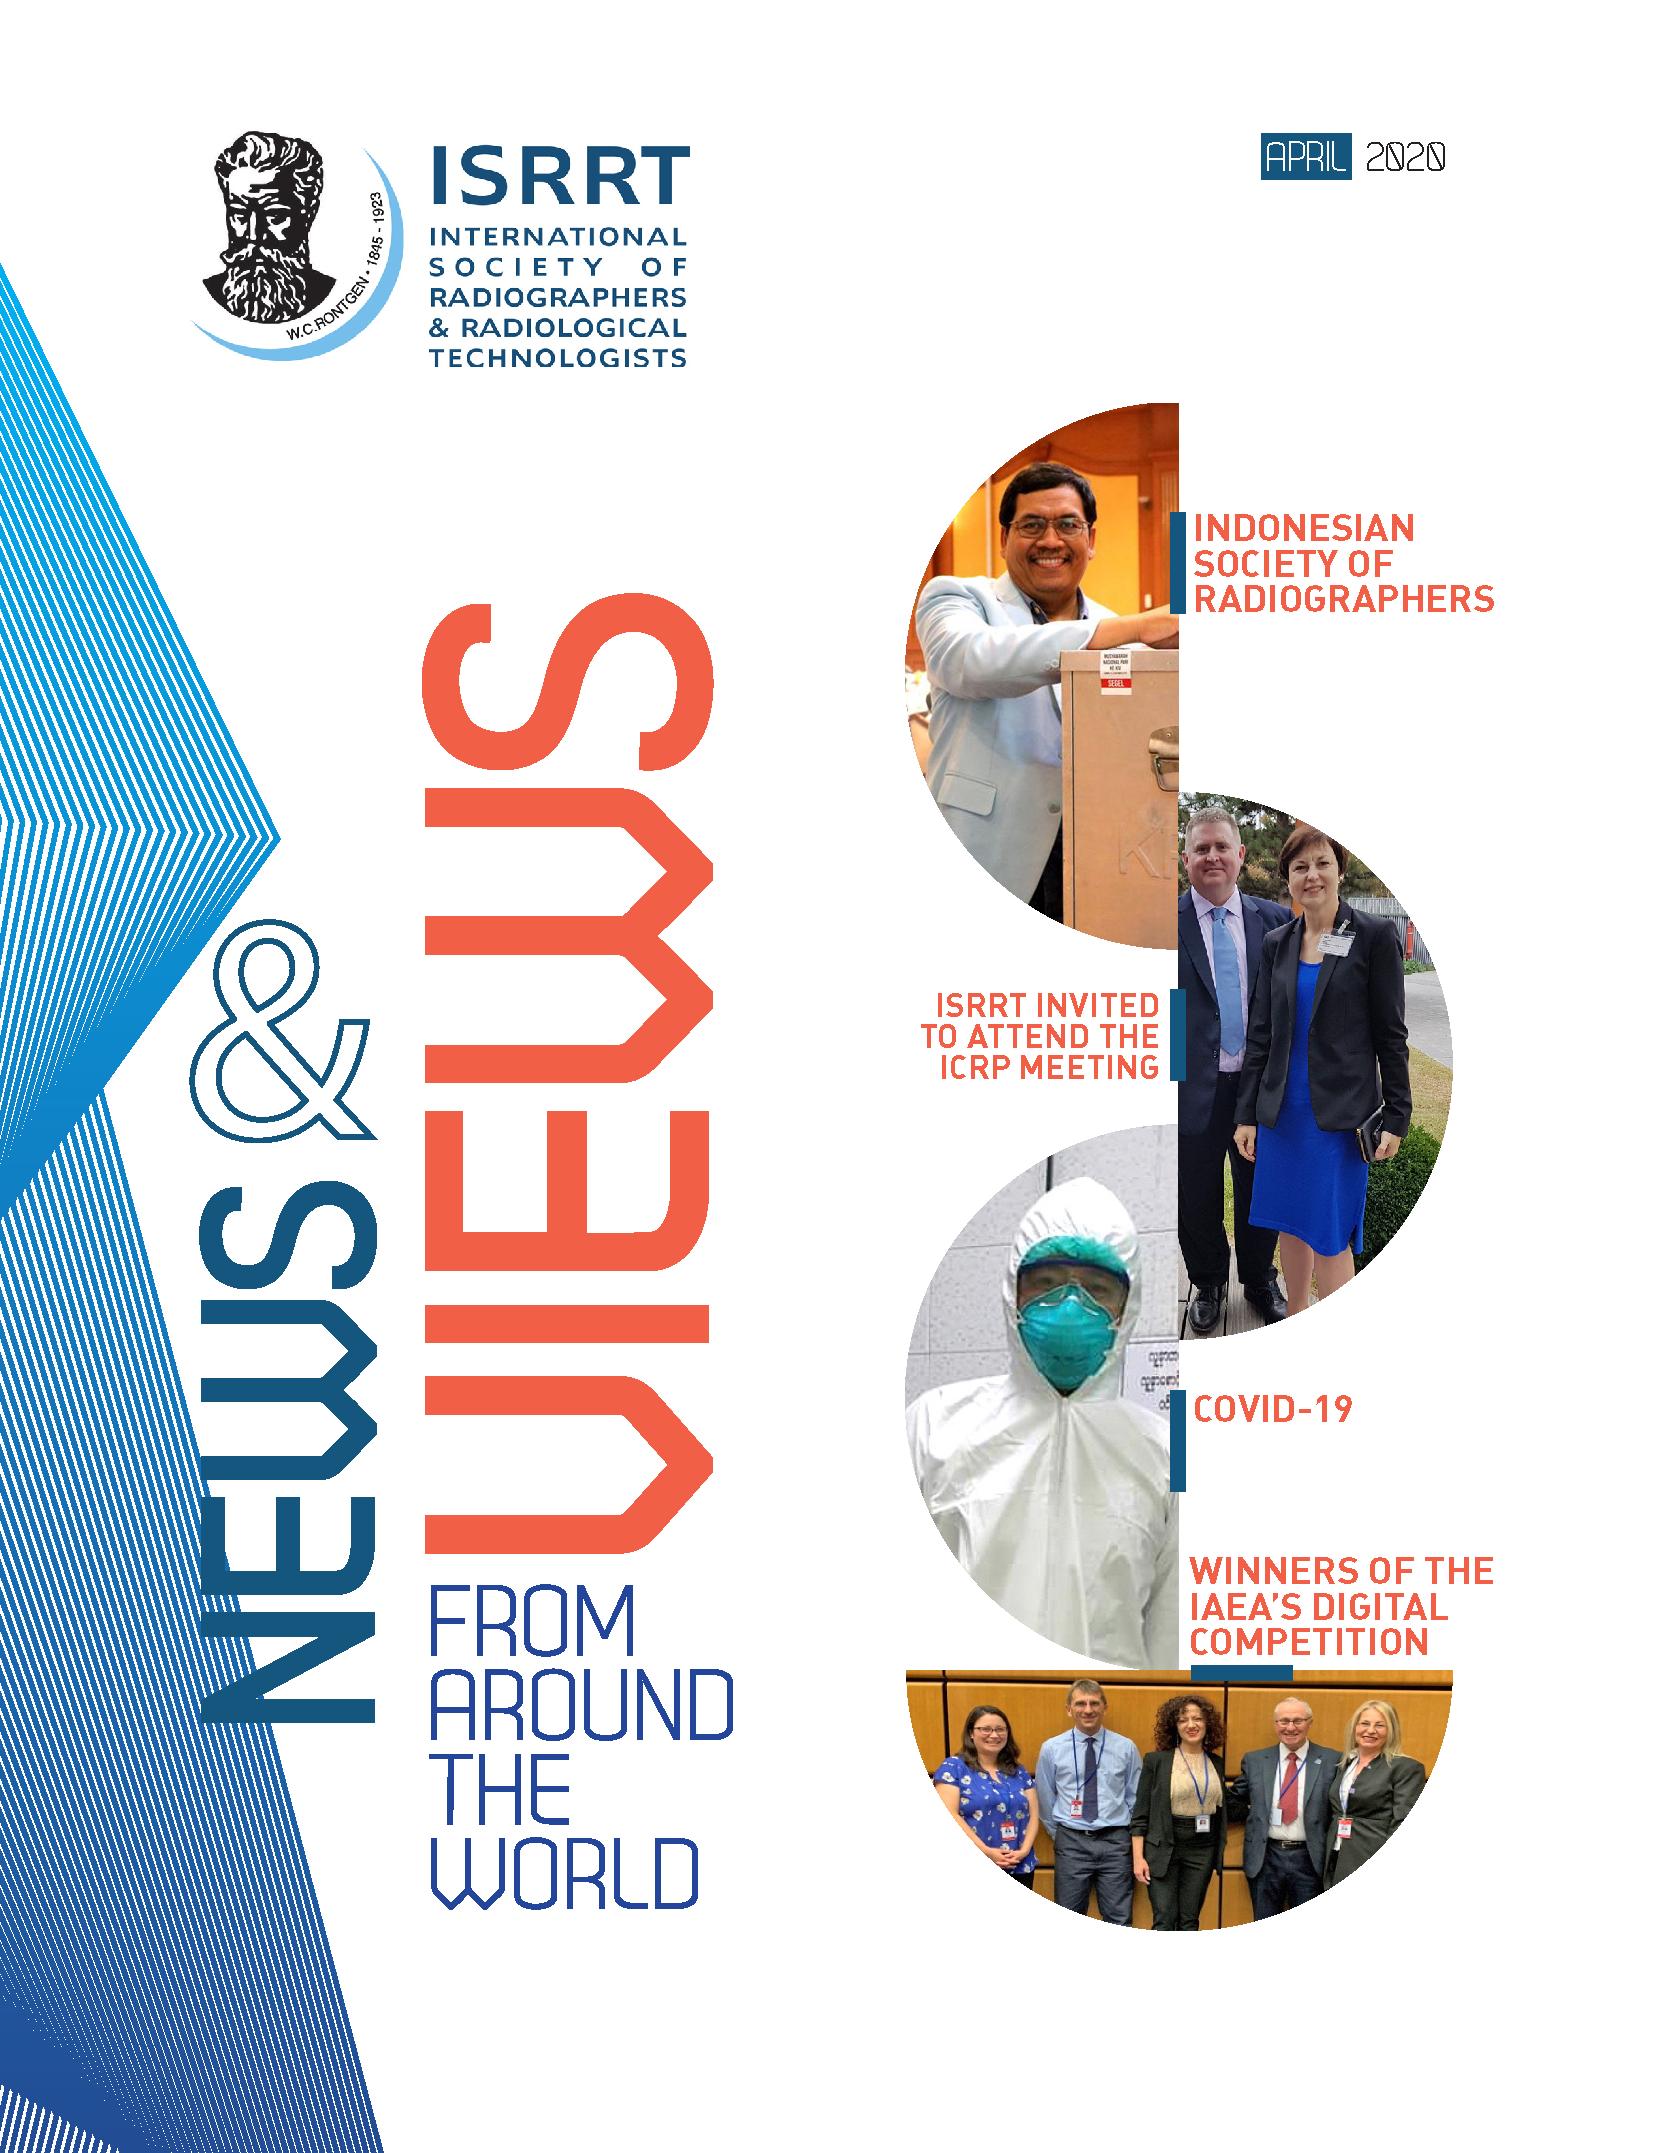 Número de abril/2020 de la revista de la ISRRT